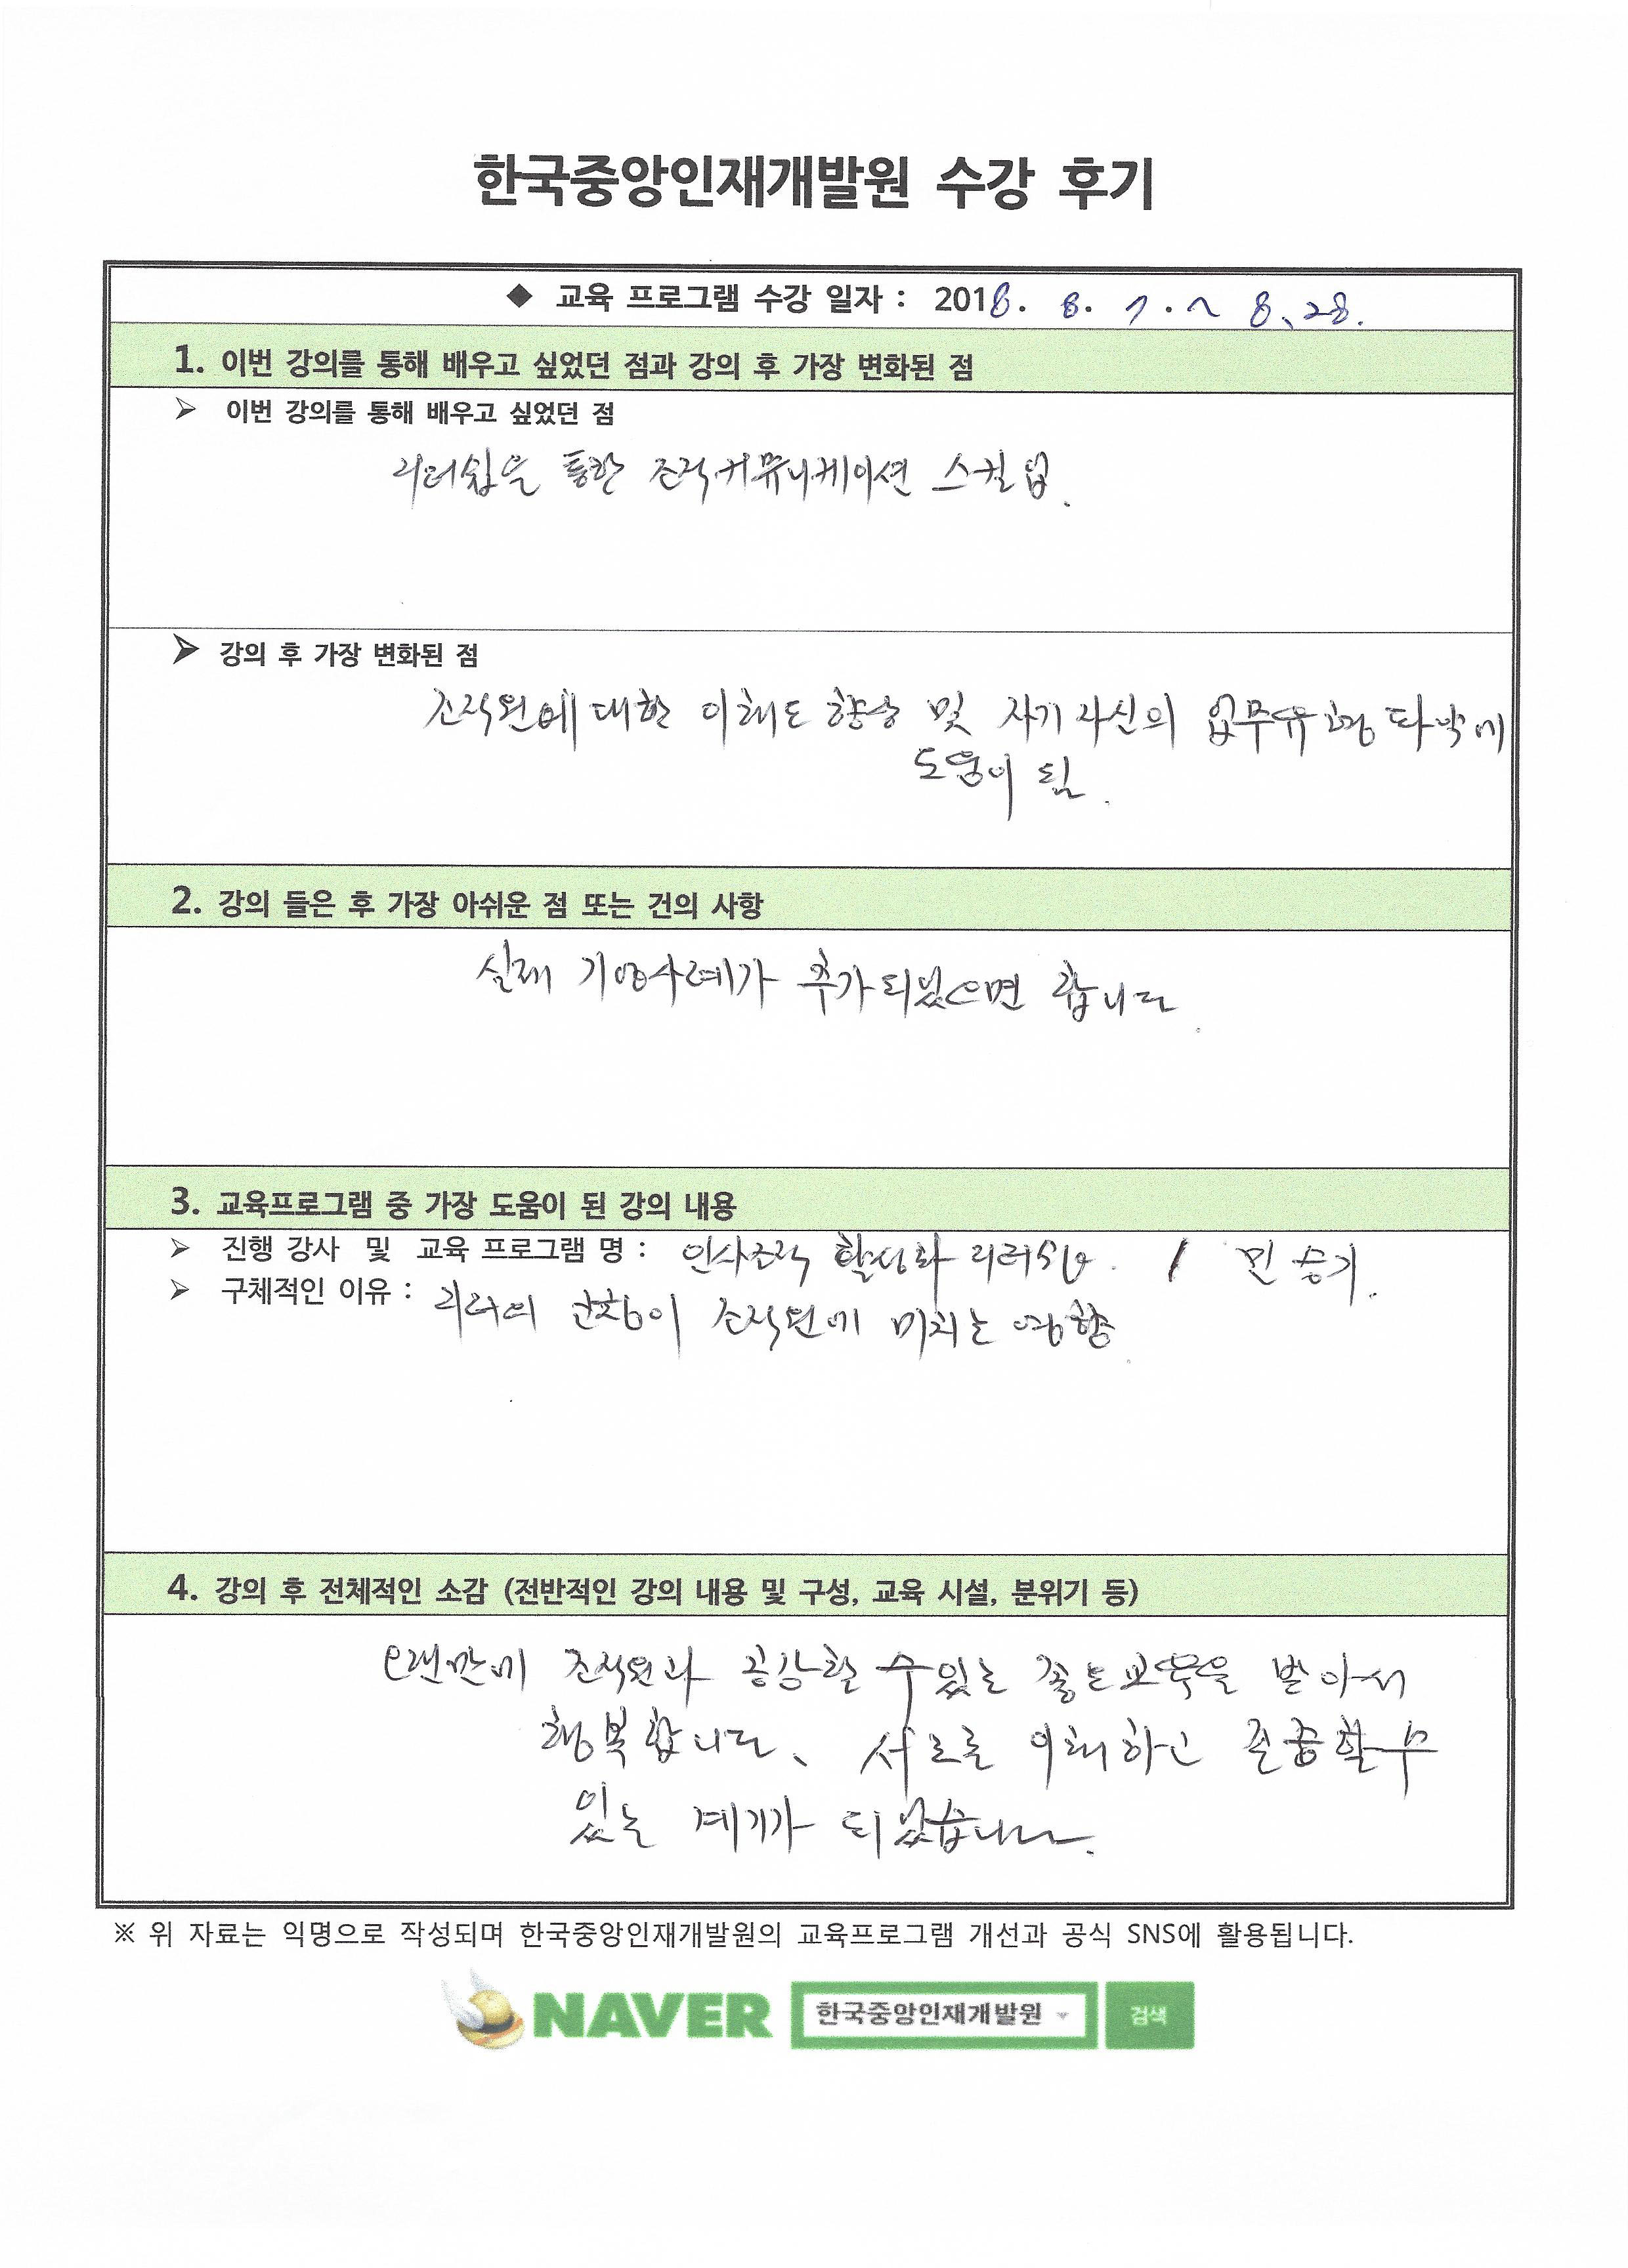 제이씨현 후기-13 사본.jpg